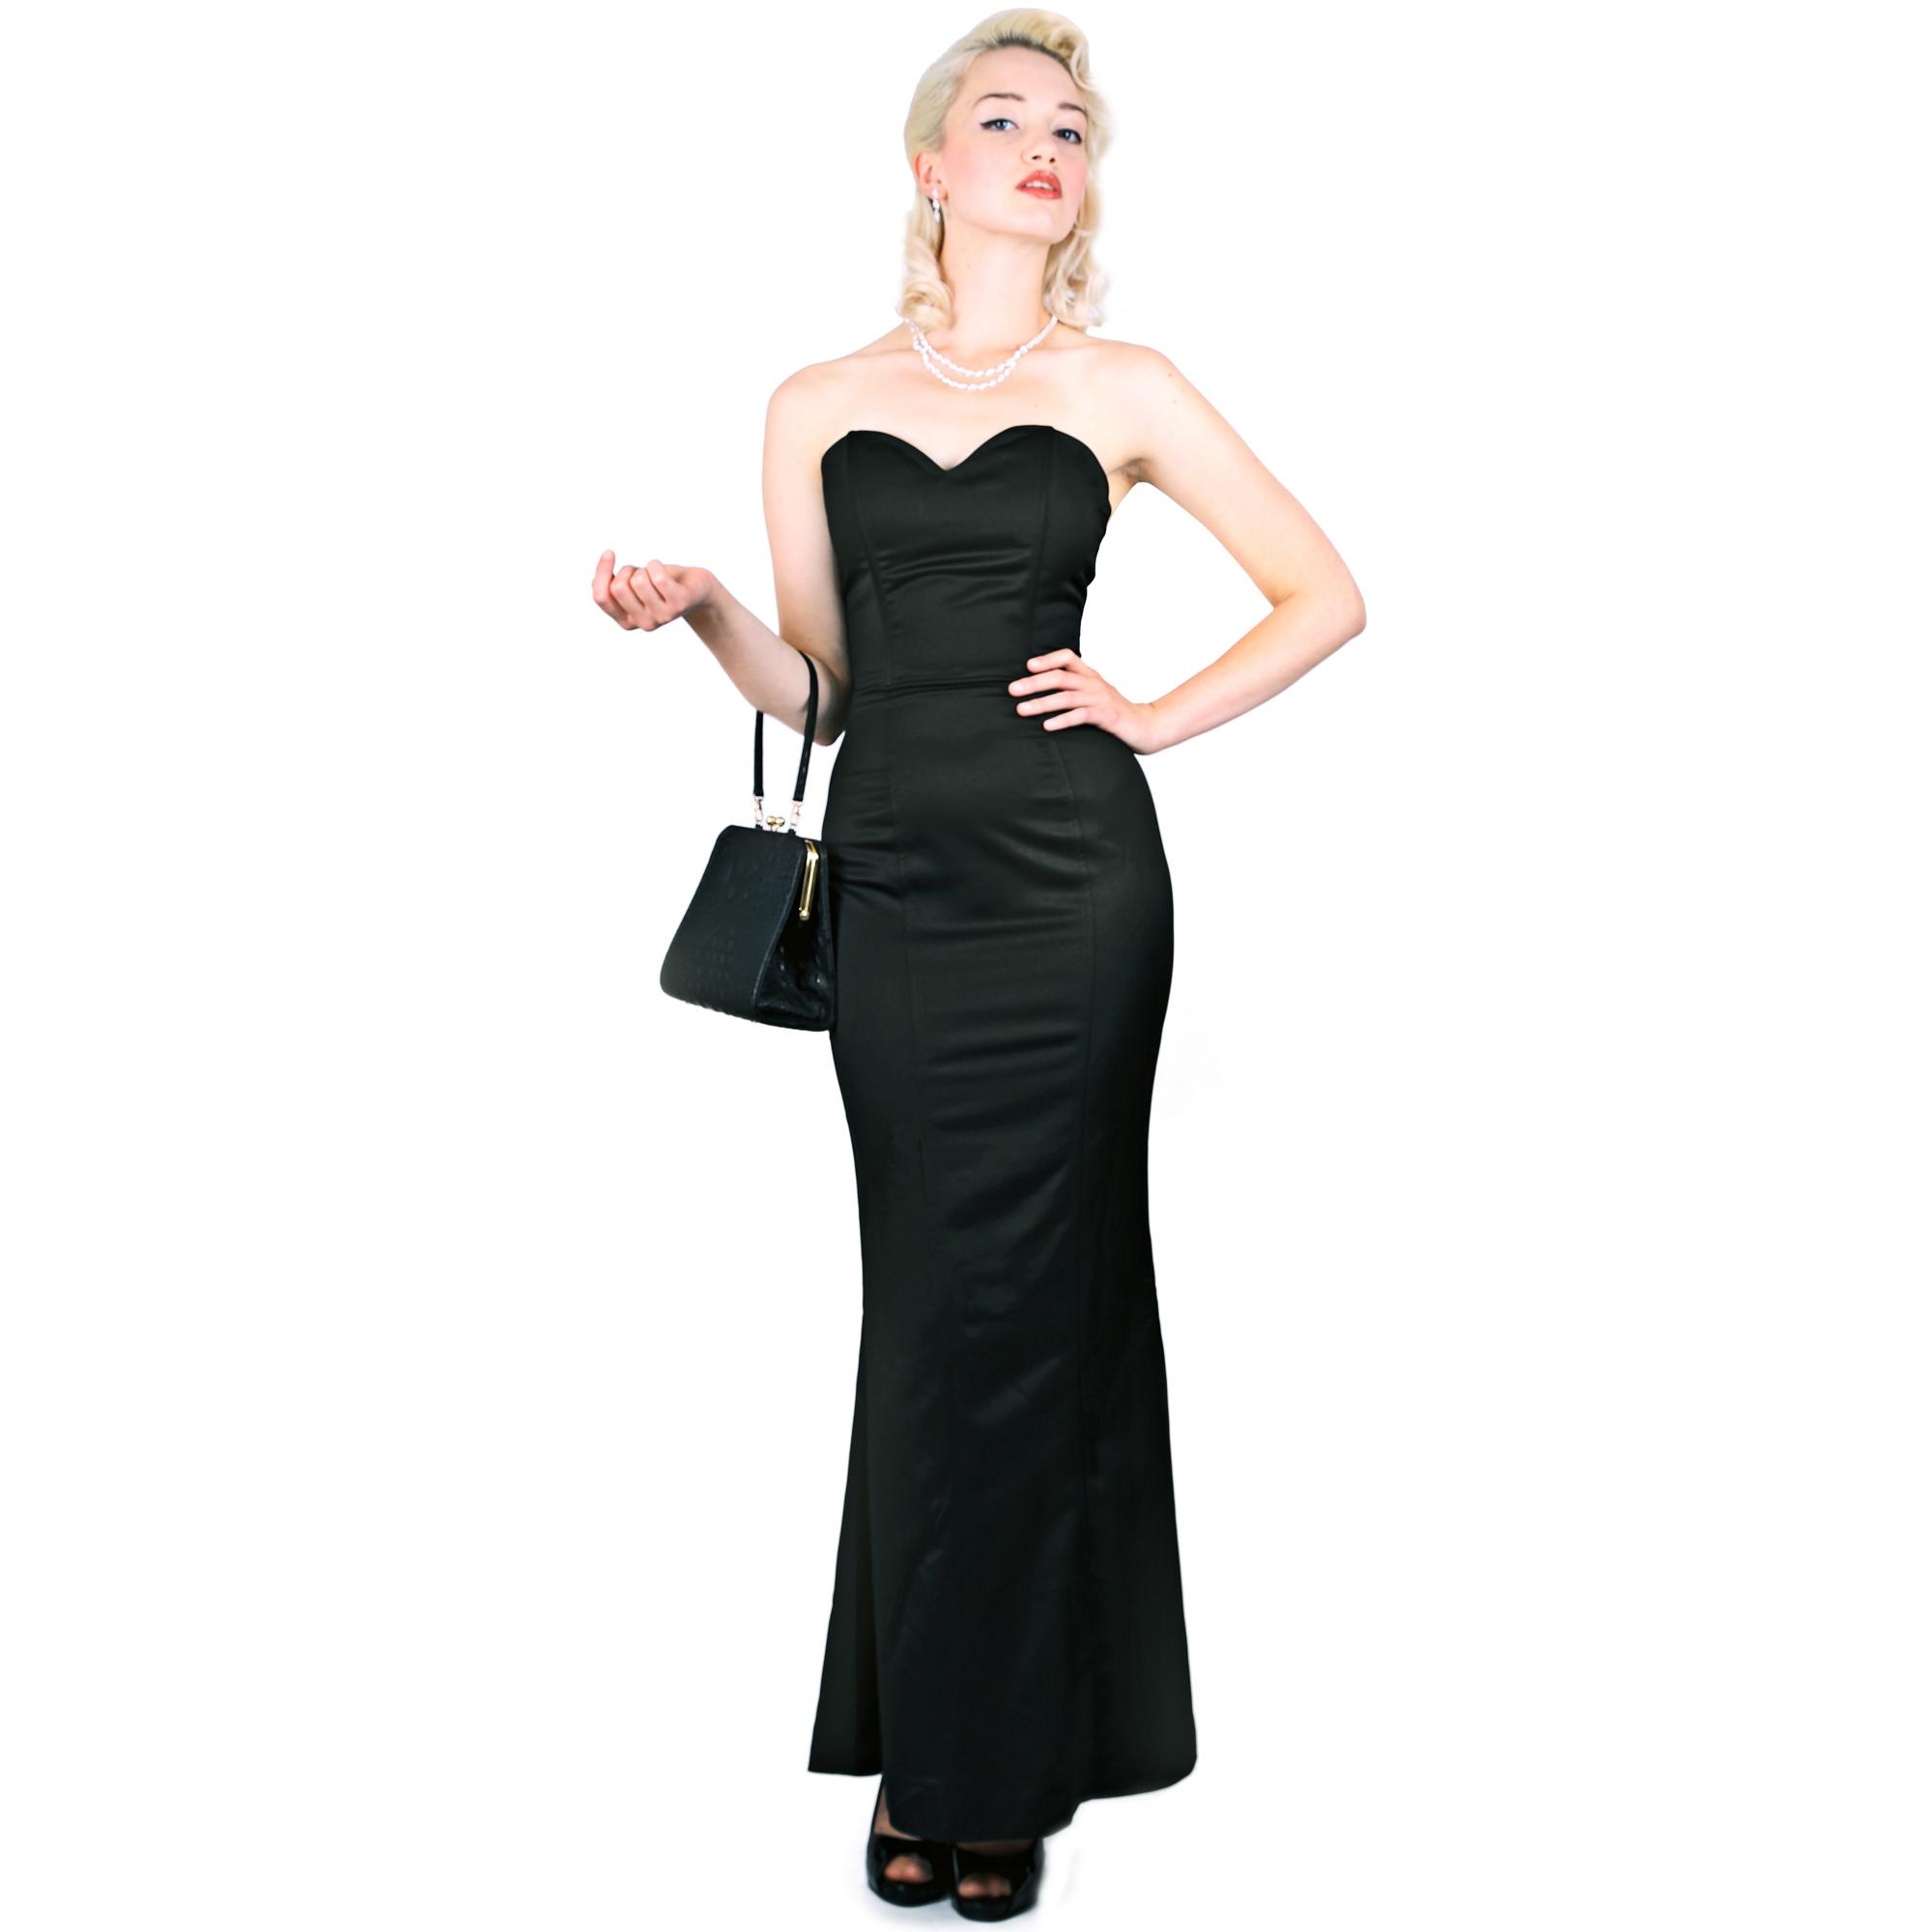 Black dress velvet - Collectif Claudette Green Velvet 30s 40s Ww2 Vintage